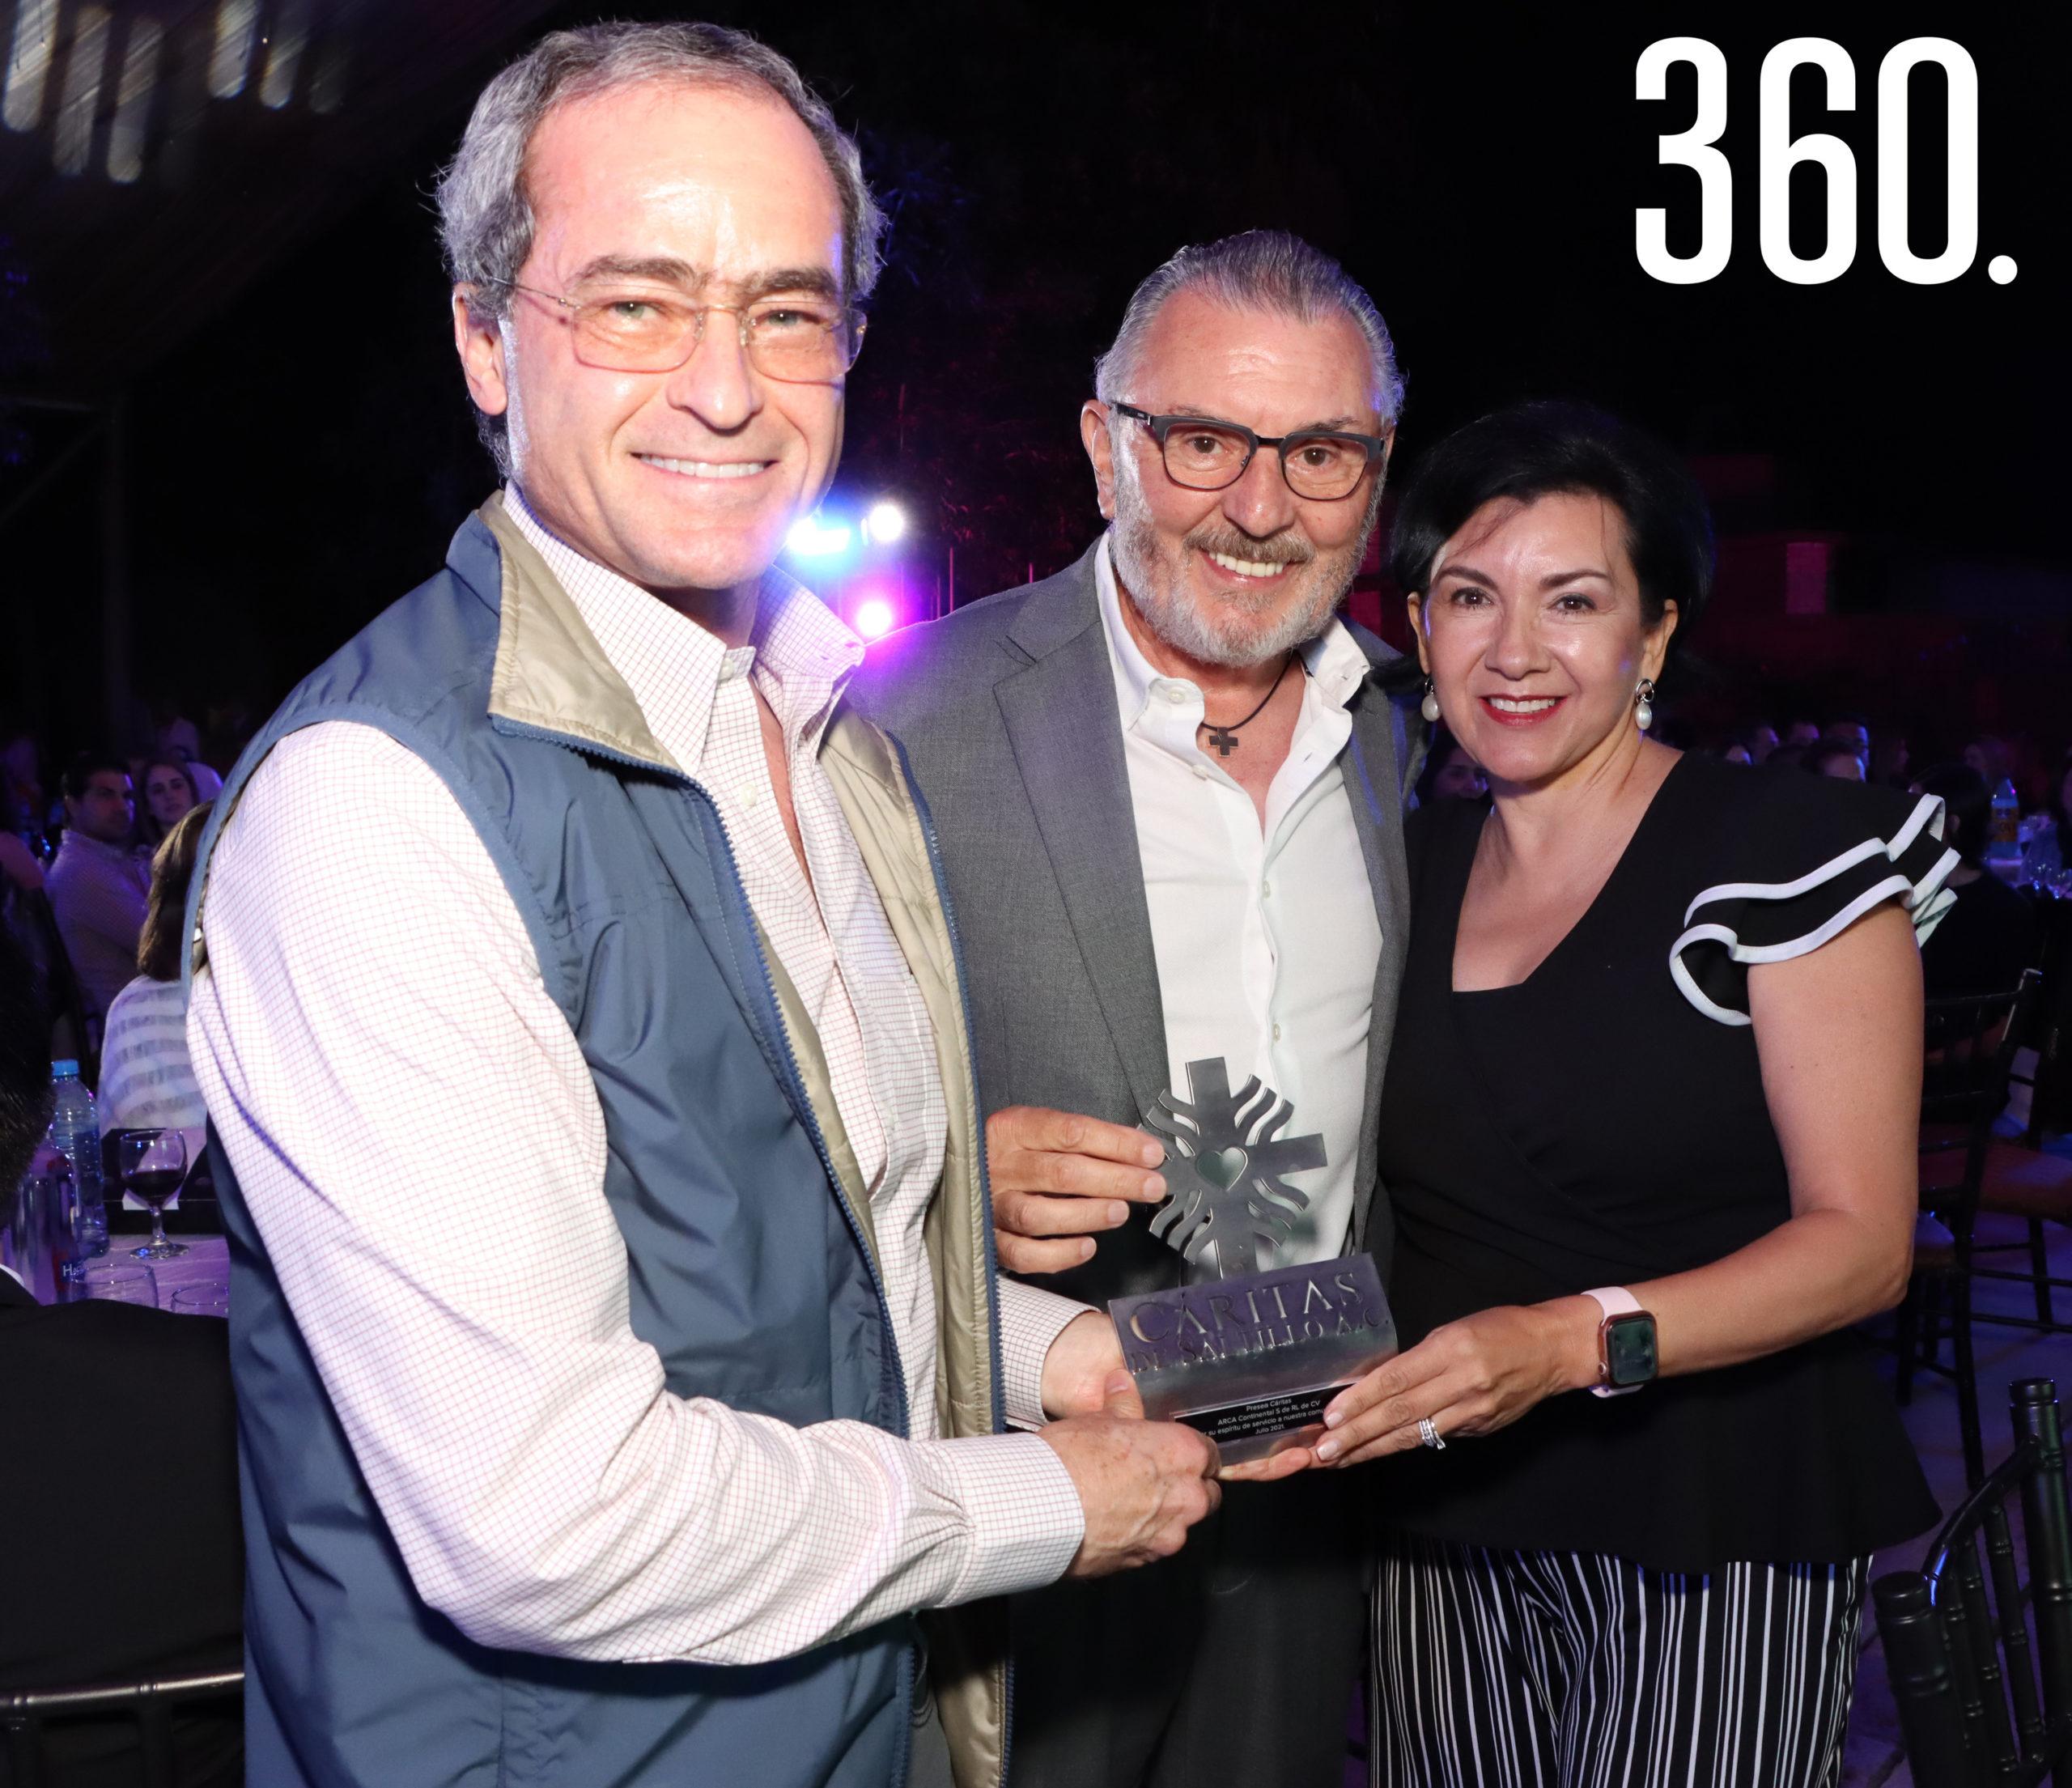 Luis Arizpe Jiménez representante de Arca Continental recibió la Presea Cáritas de manos de Gerardo Camacho y Mirna Carbona, por el apoyo otorgando a Cáritas de Saltillo.